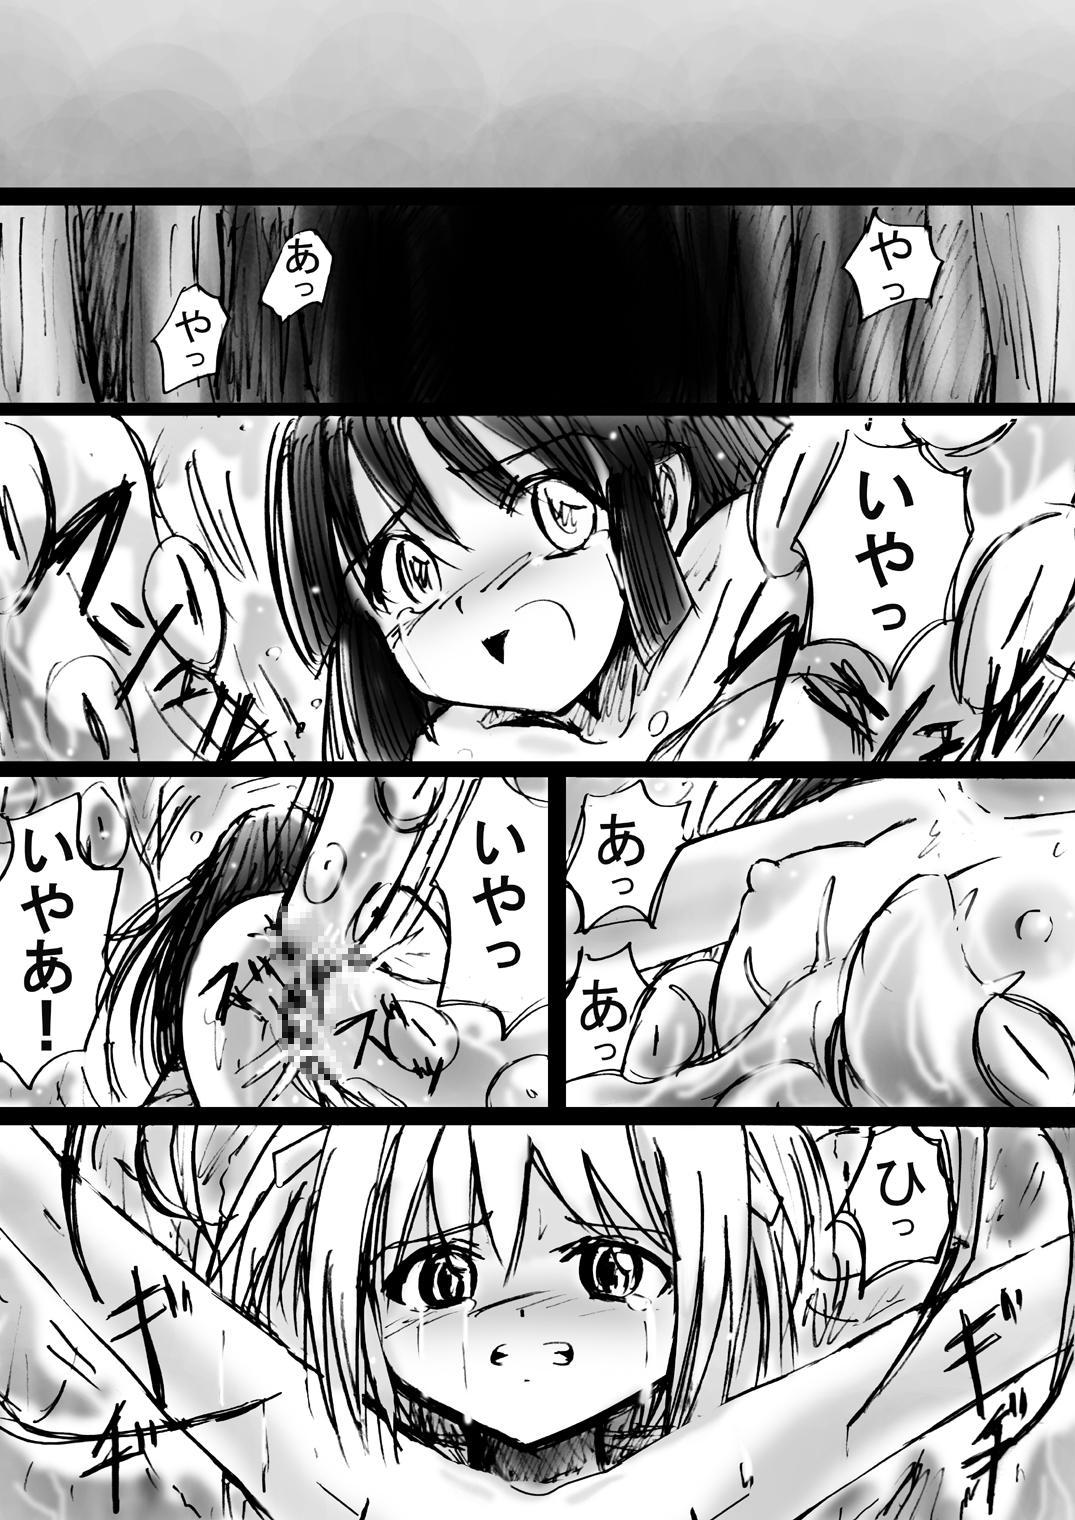 [Dende] Fushigi Sekai -Mystery World- Nonoha 5 ~Jokuma no Kyouniku no Tainai Shinshoku~ 36